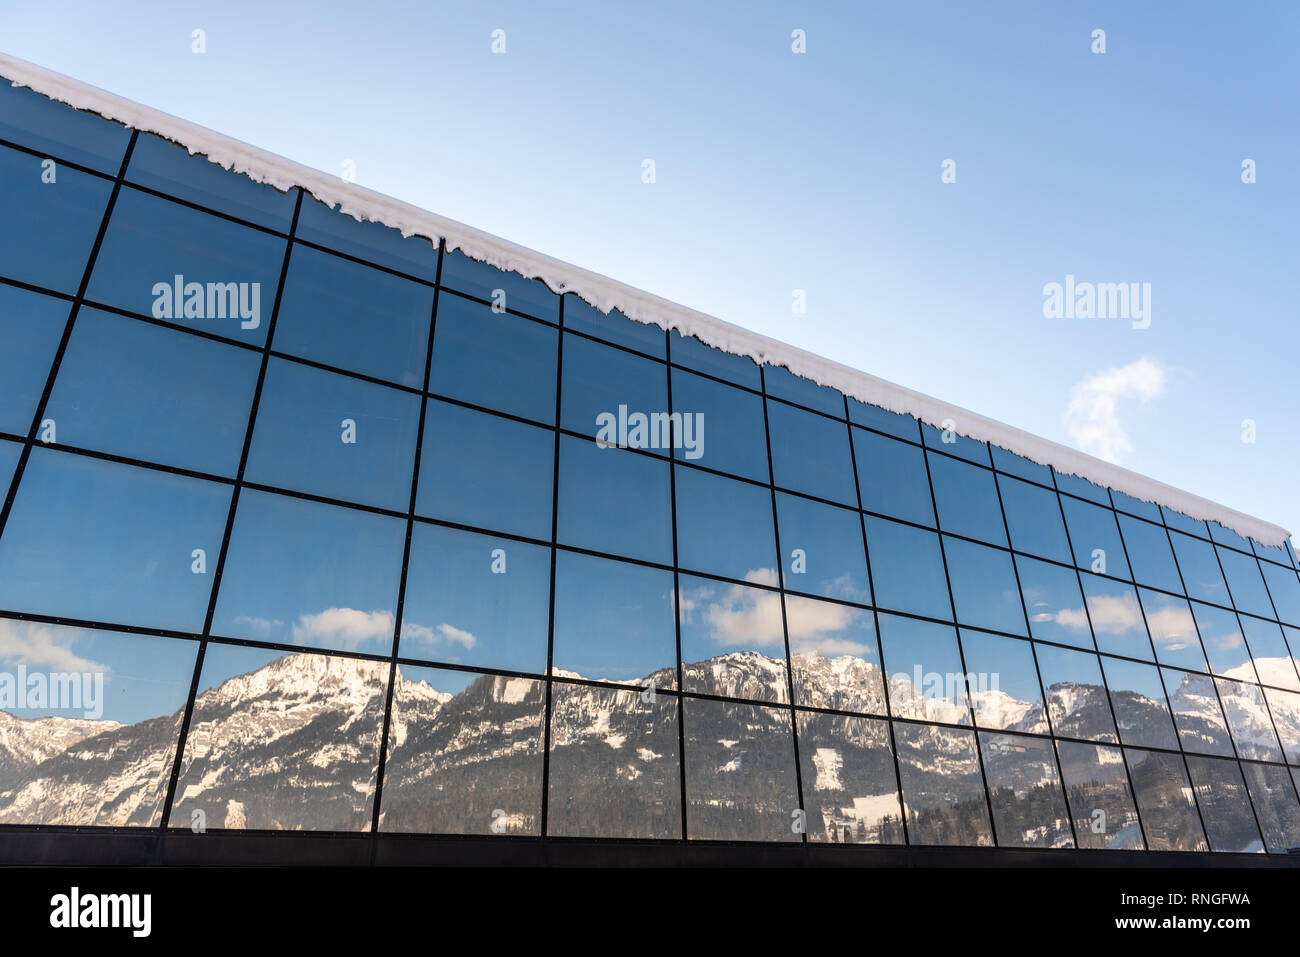 Reflexion von Bergen in einem Gebäude aus Glas - Skigebiet Hauser Kaibling in Österreich Top Skigebiete miteinander 4 Berge Ski Österreich Stockfoto